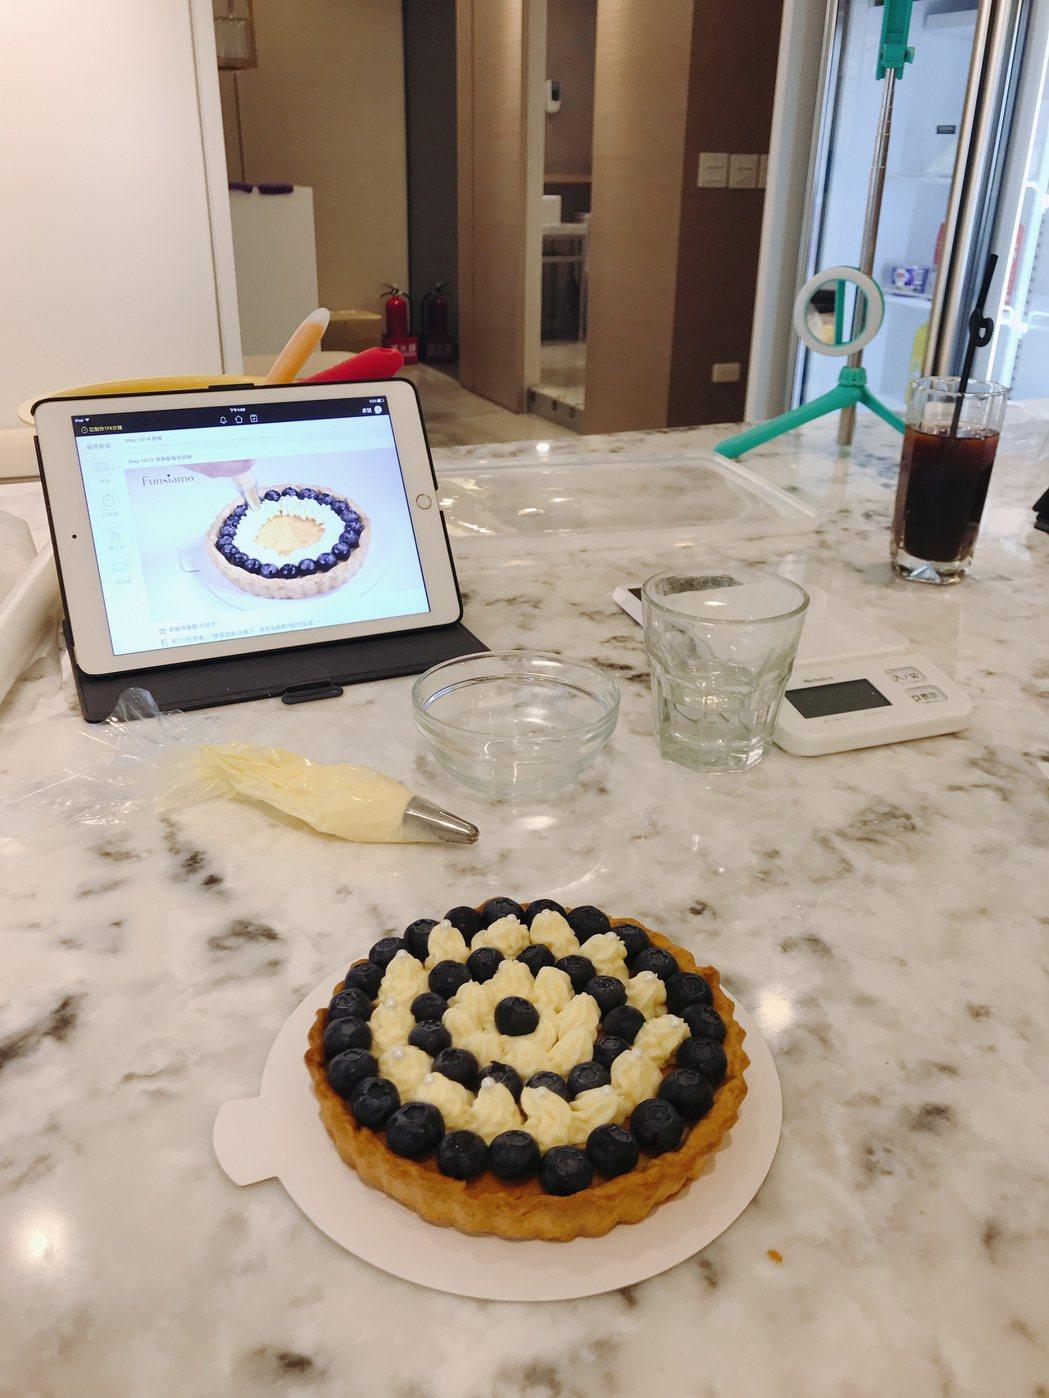 張洛偍靠食譜就能做出好吃好看的藍莓派。圖/周子娛樂提供